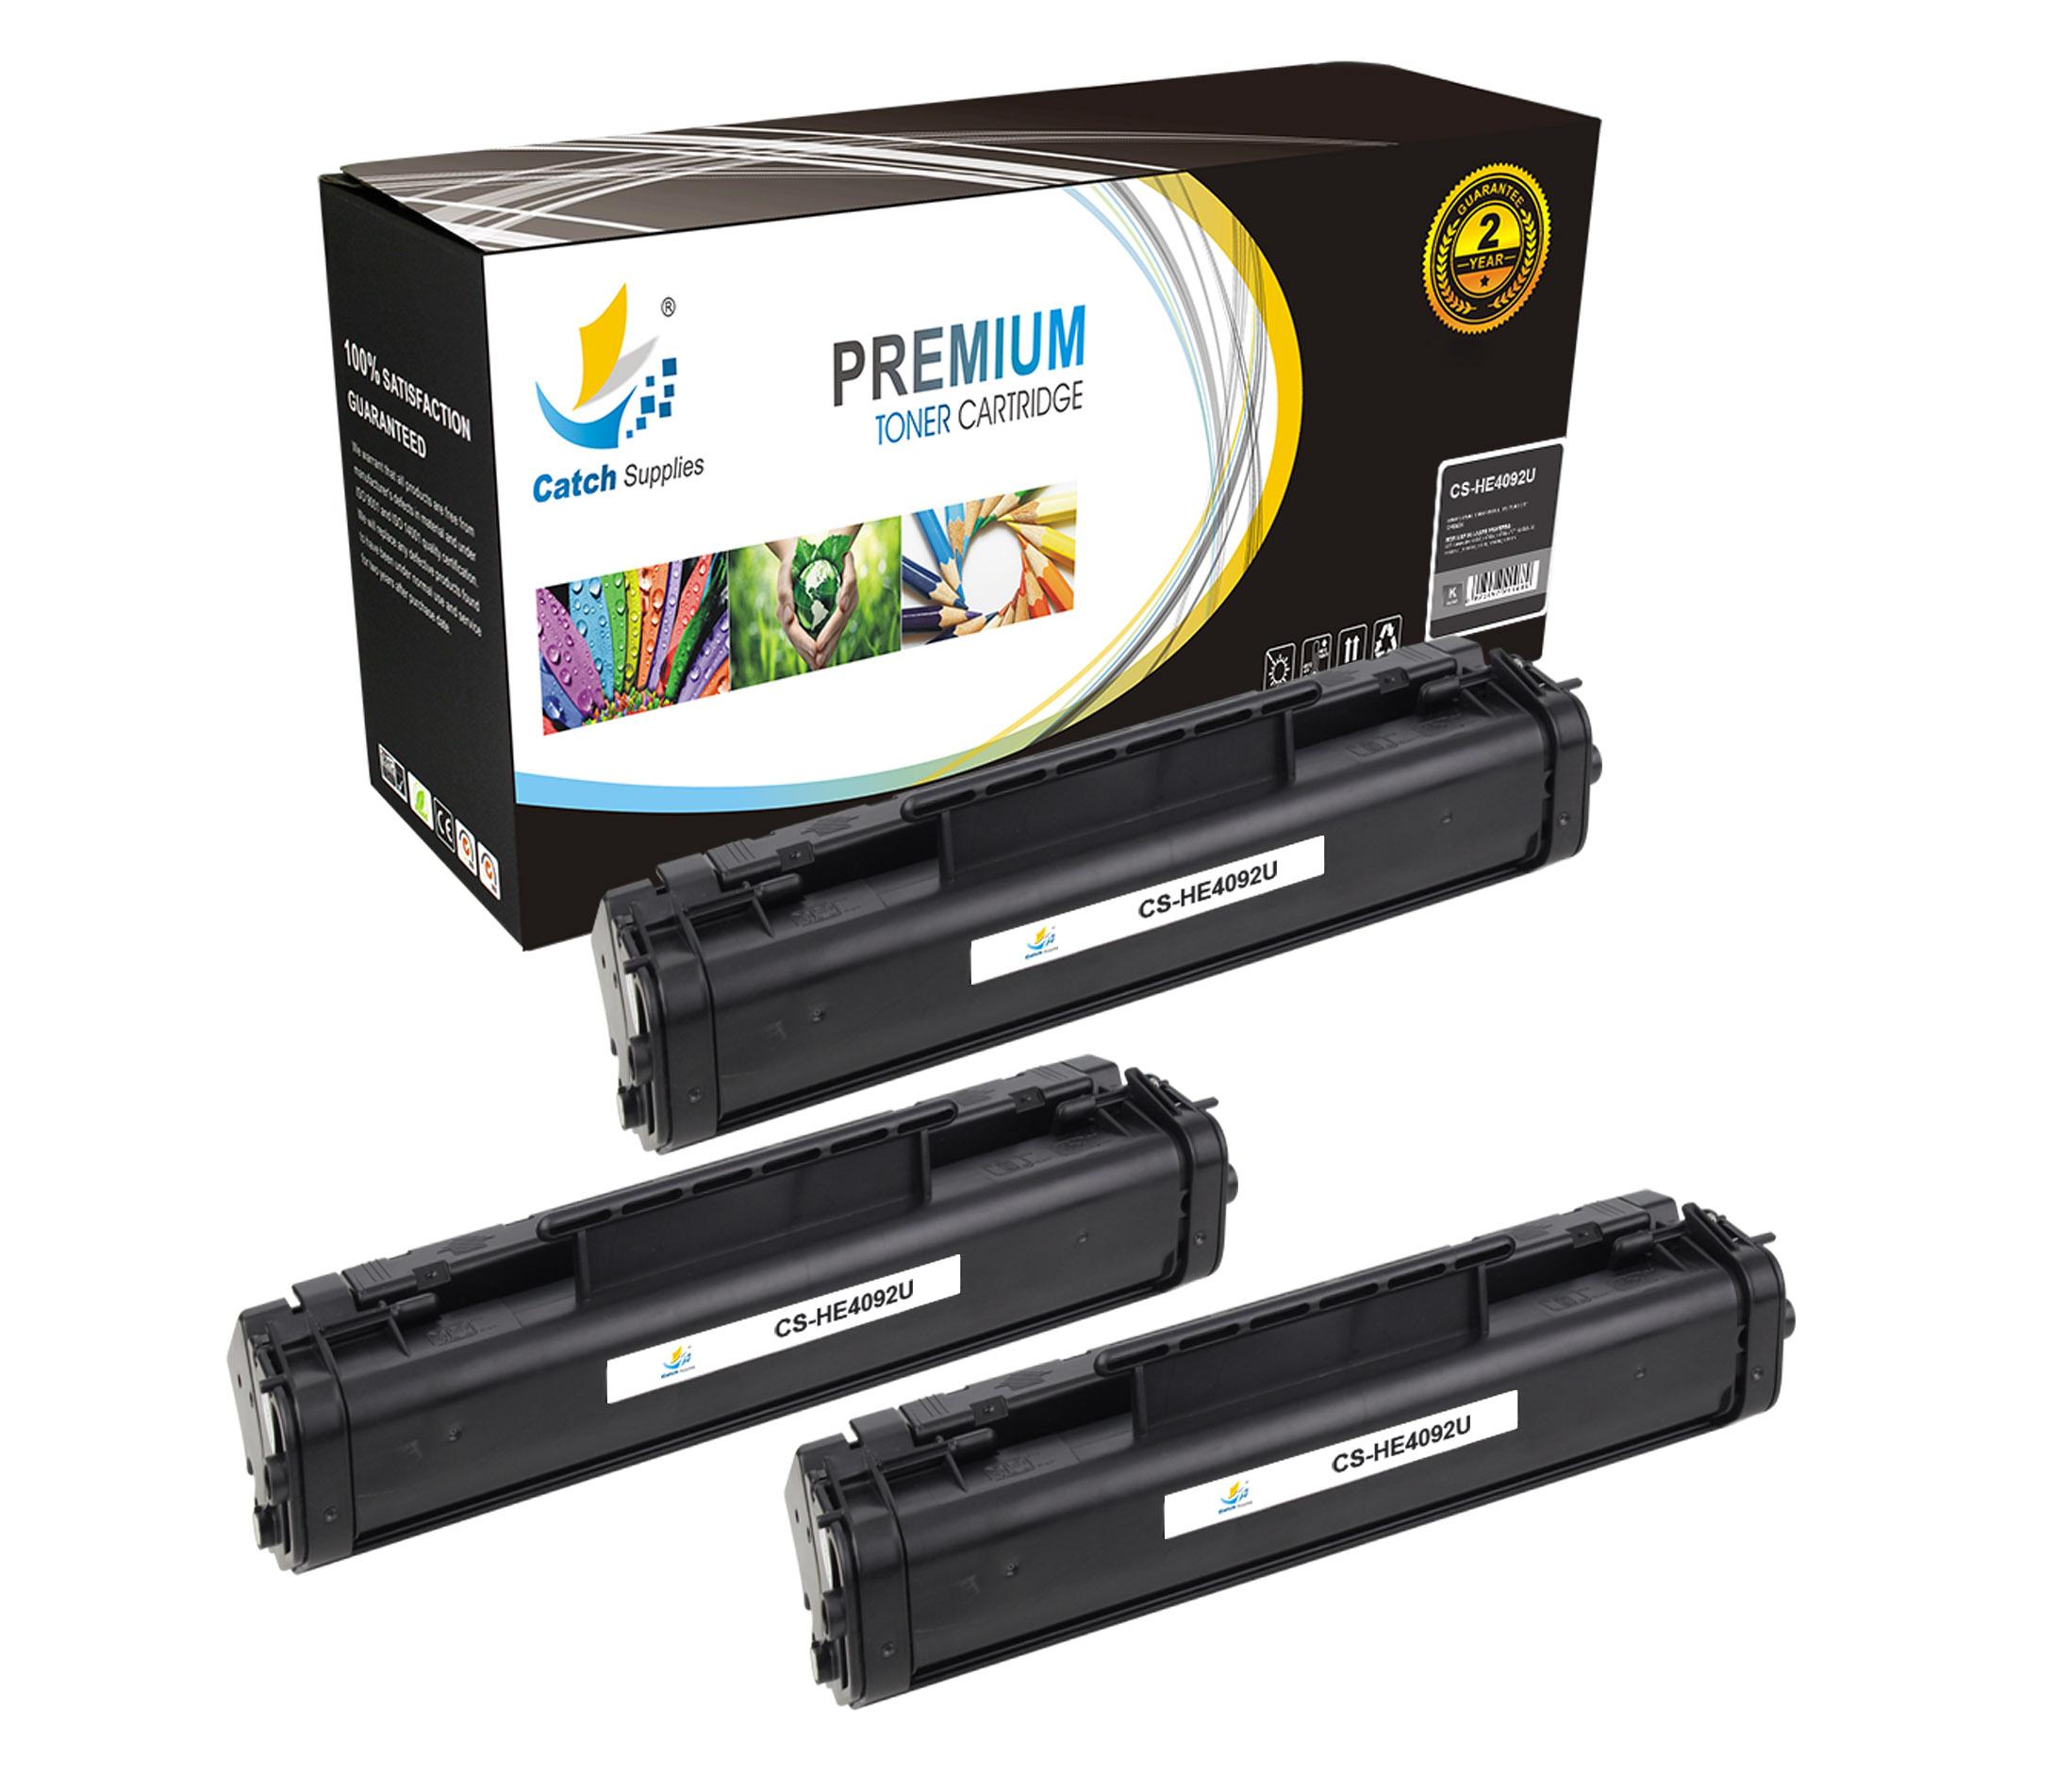 3 black c4092a 92a laser toner cartridges for hp laserjet 1100 1100a 3200 series ebay. Black Bedroom Furniture Sets. Home Design Ideas